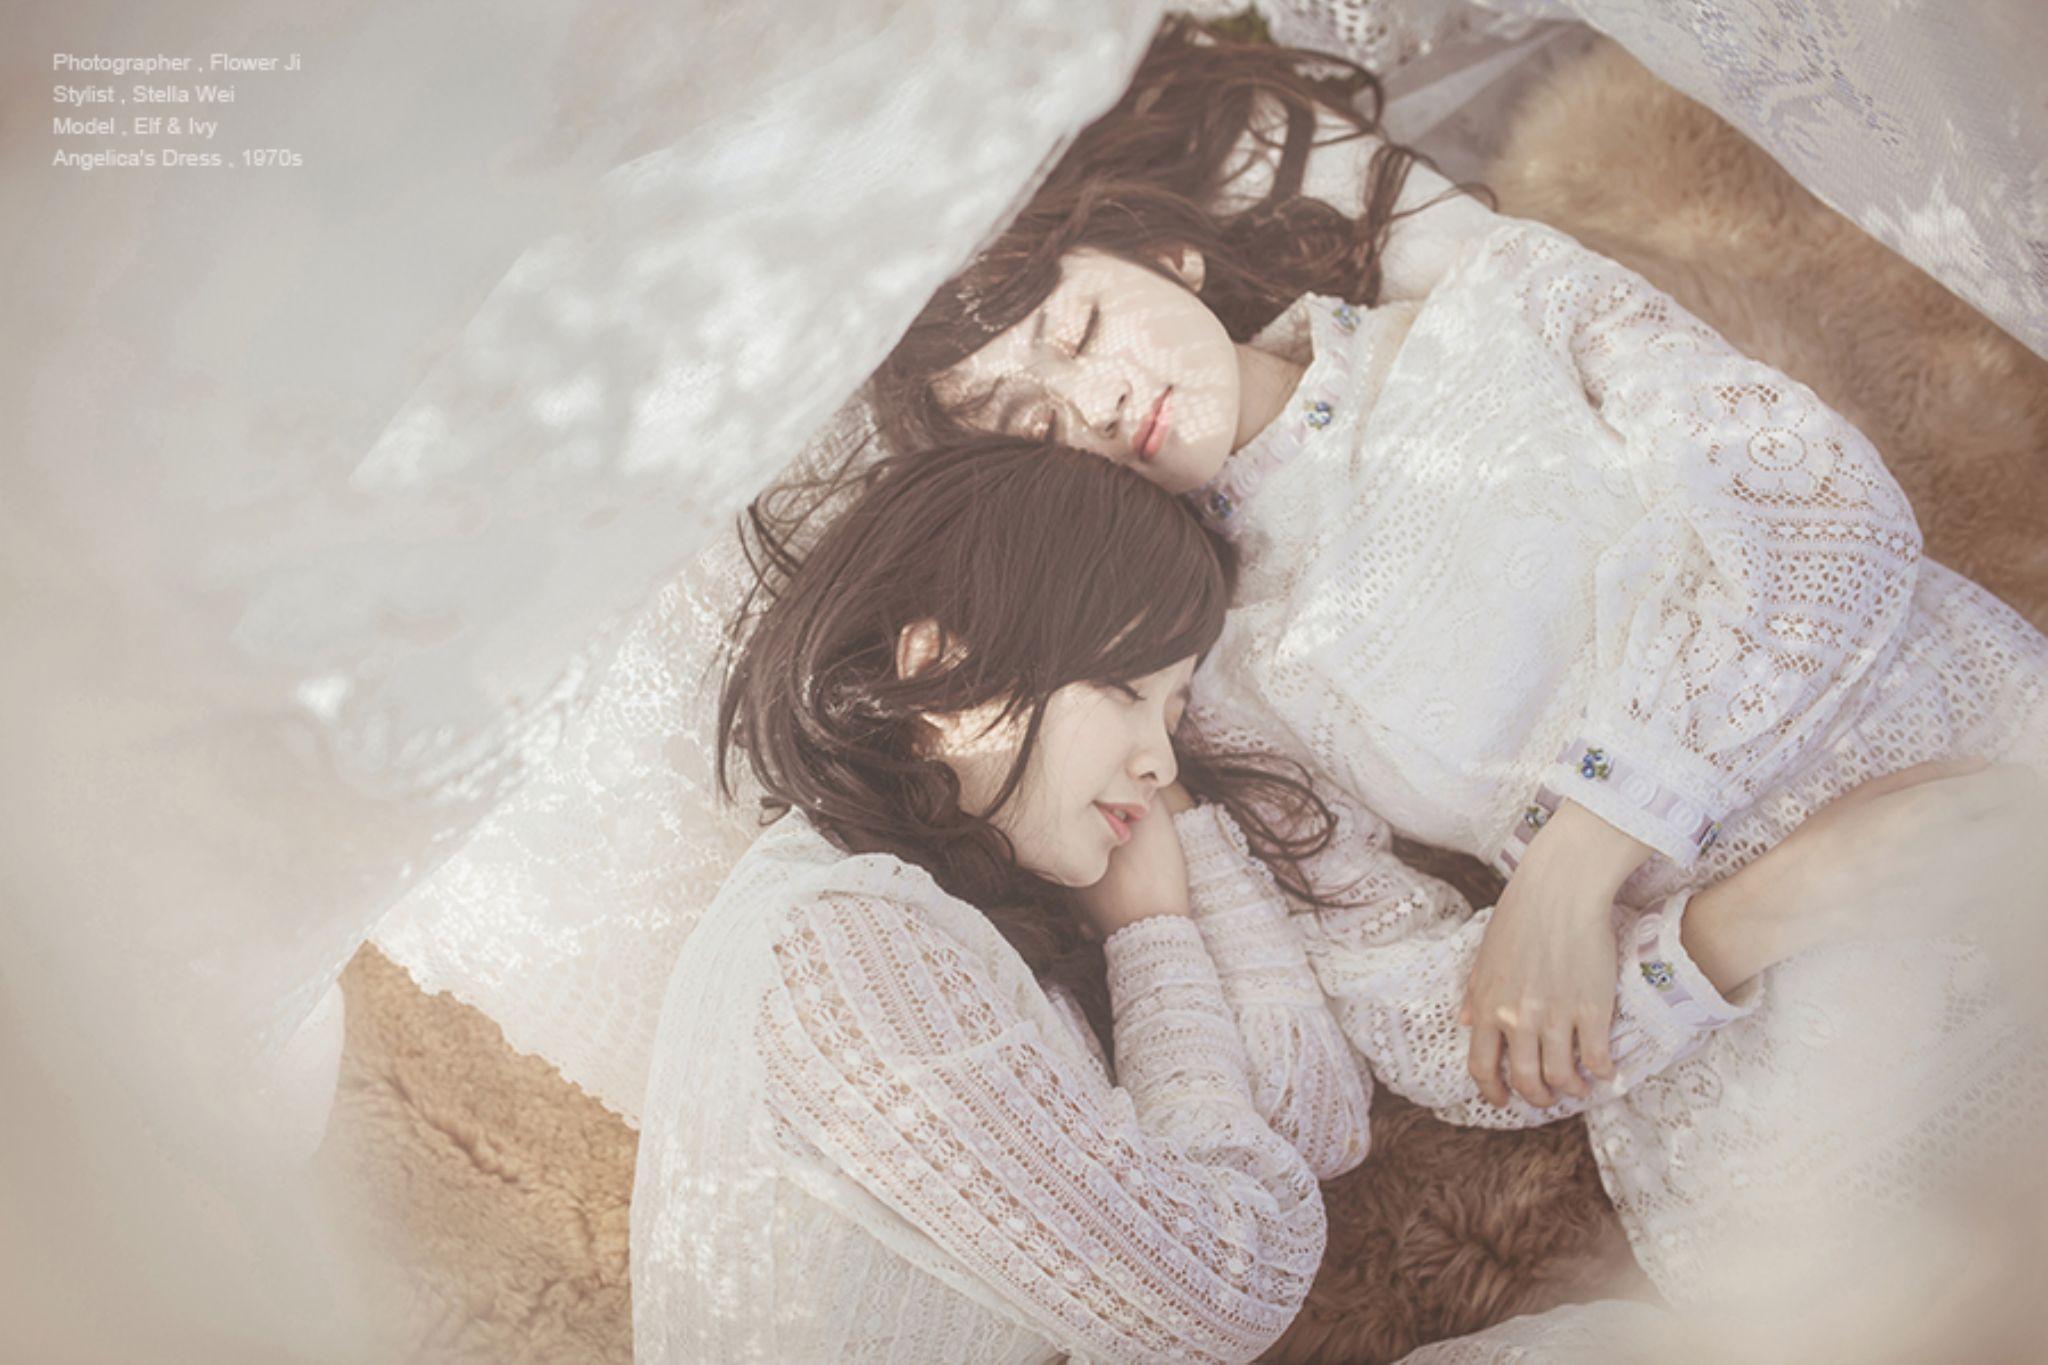 Two girls by Flower Ji